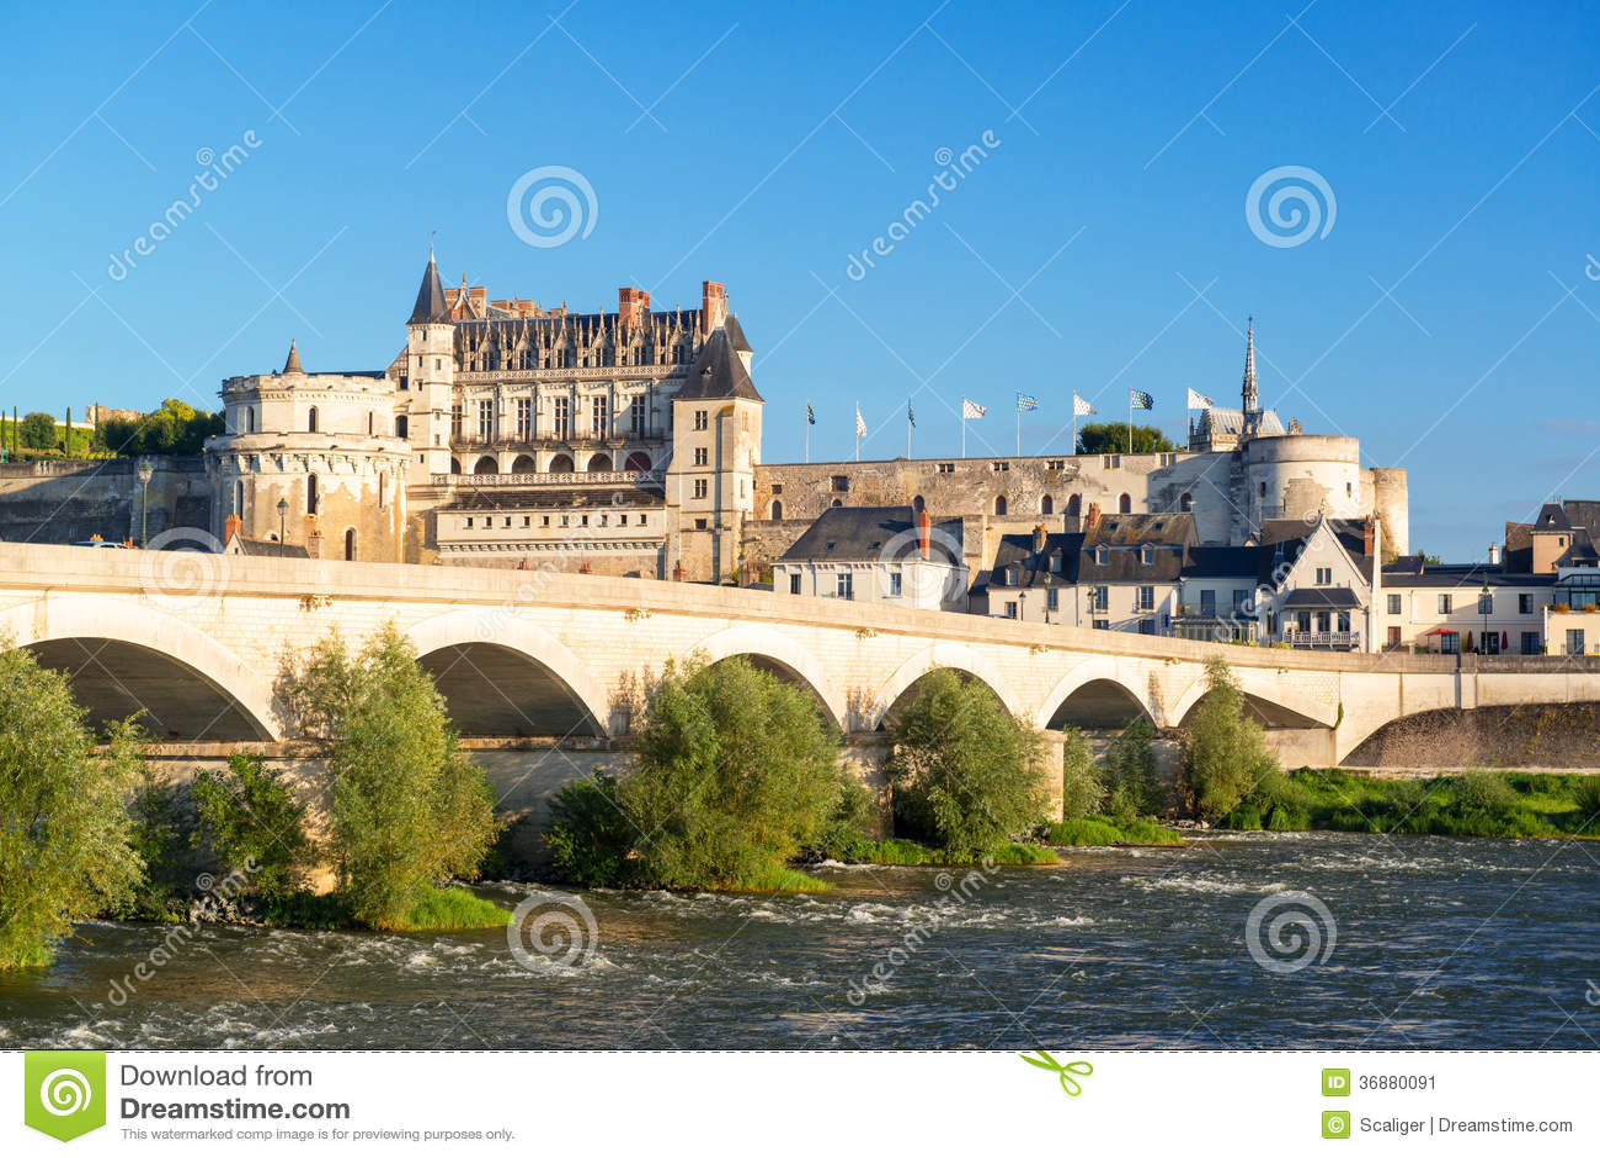 Download D'Amboise Del Castello Sul Fiume La Loira, Francia Immagine Stock - Immagine di reale, castello: 36880091